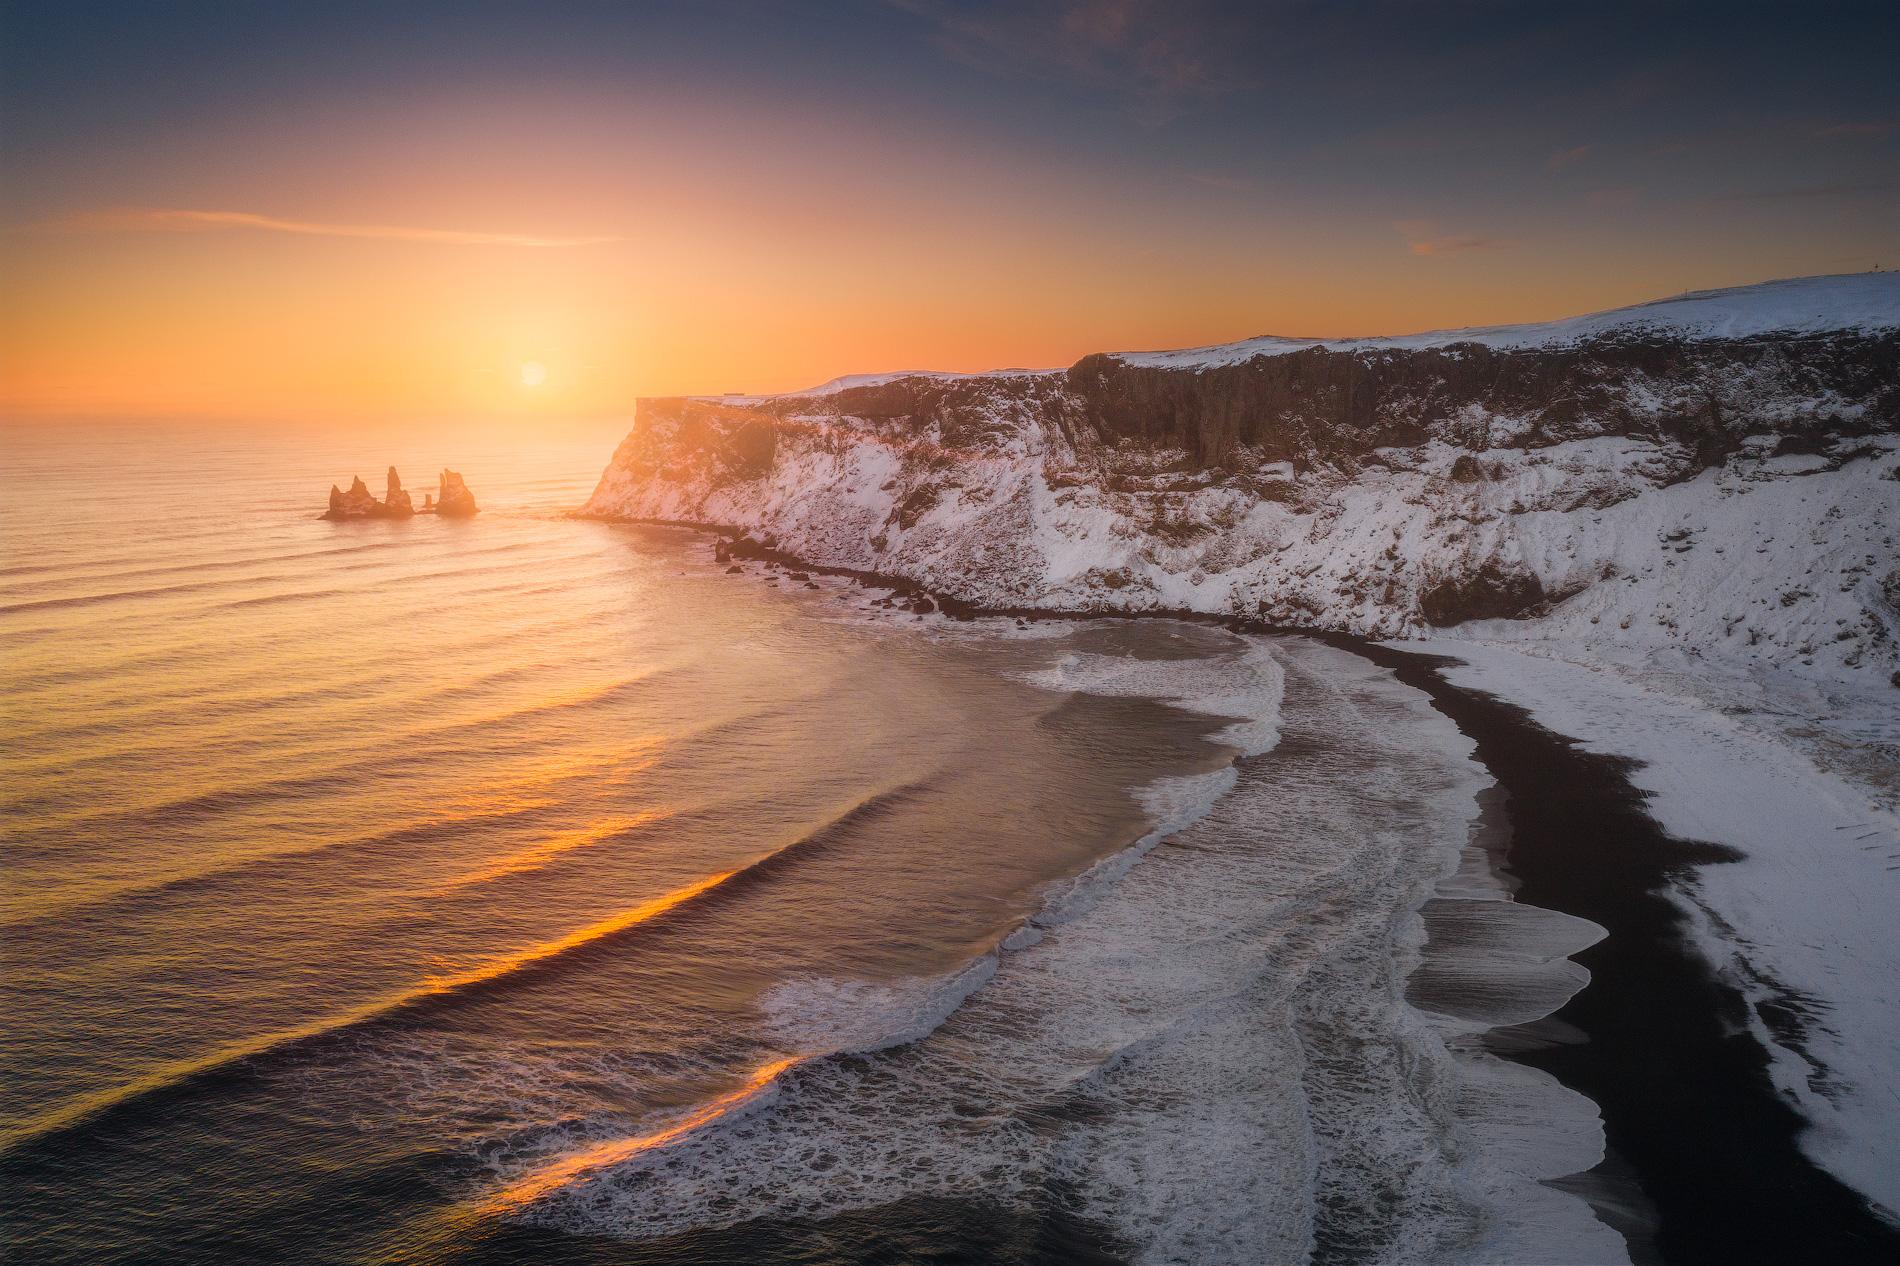 Según la leyenda, las formaciones rocosas de Reynisdrangar son trolls codiciosos petrificados por la luz solar.